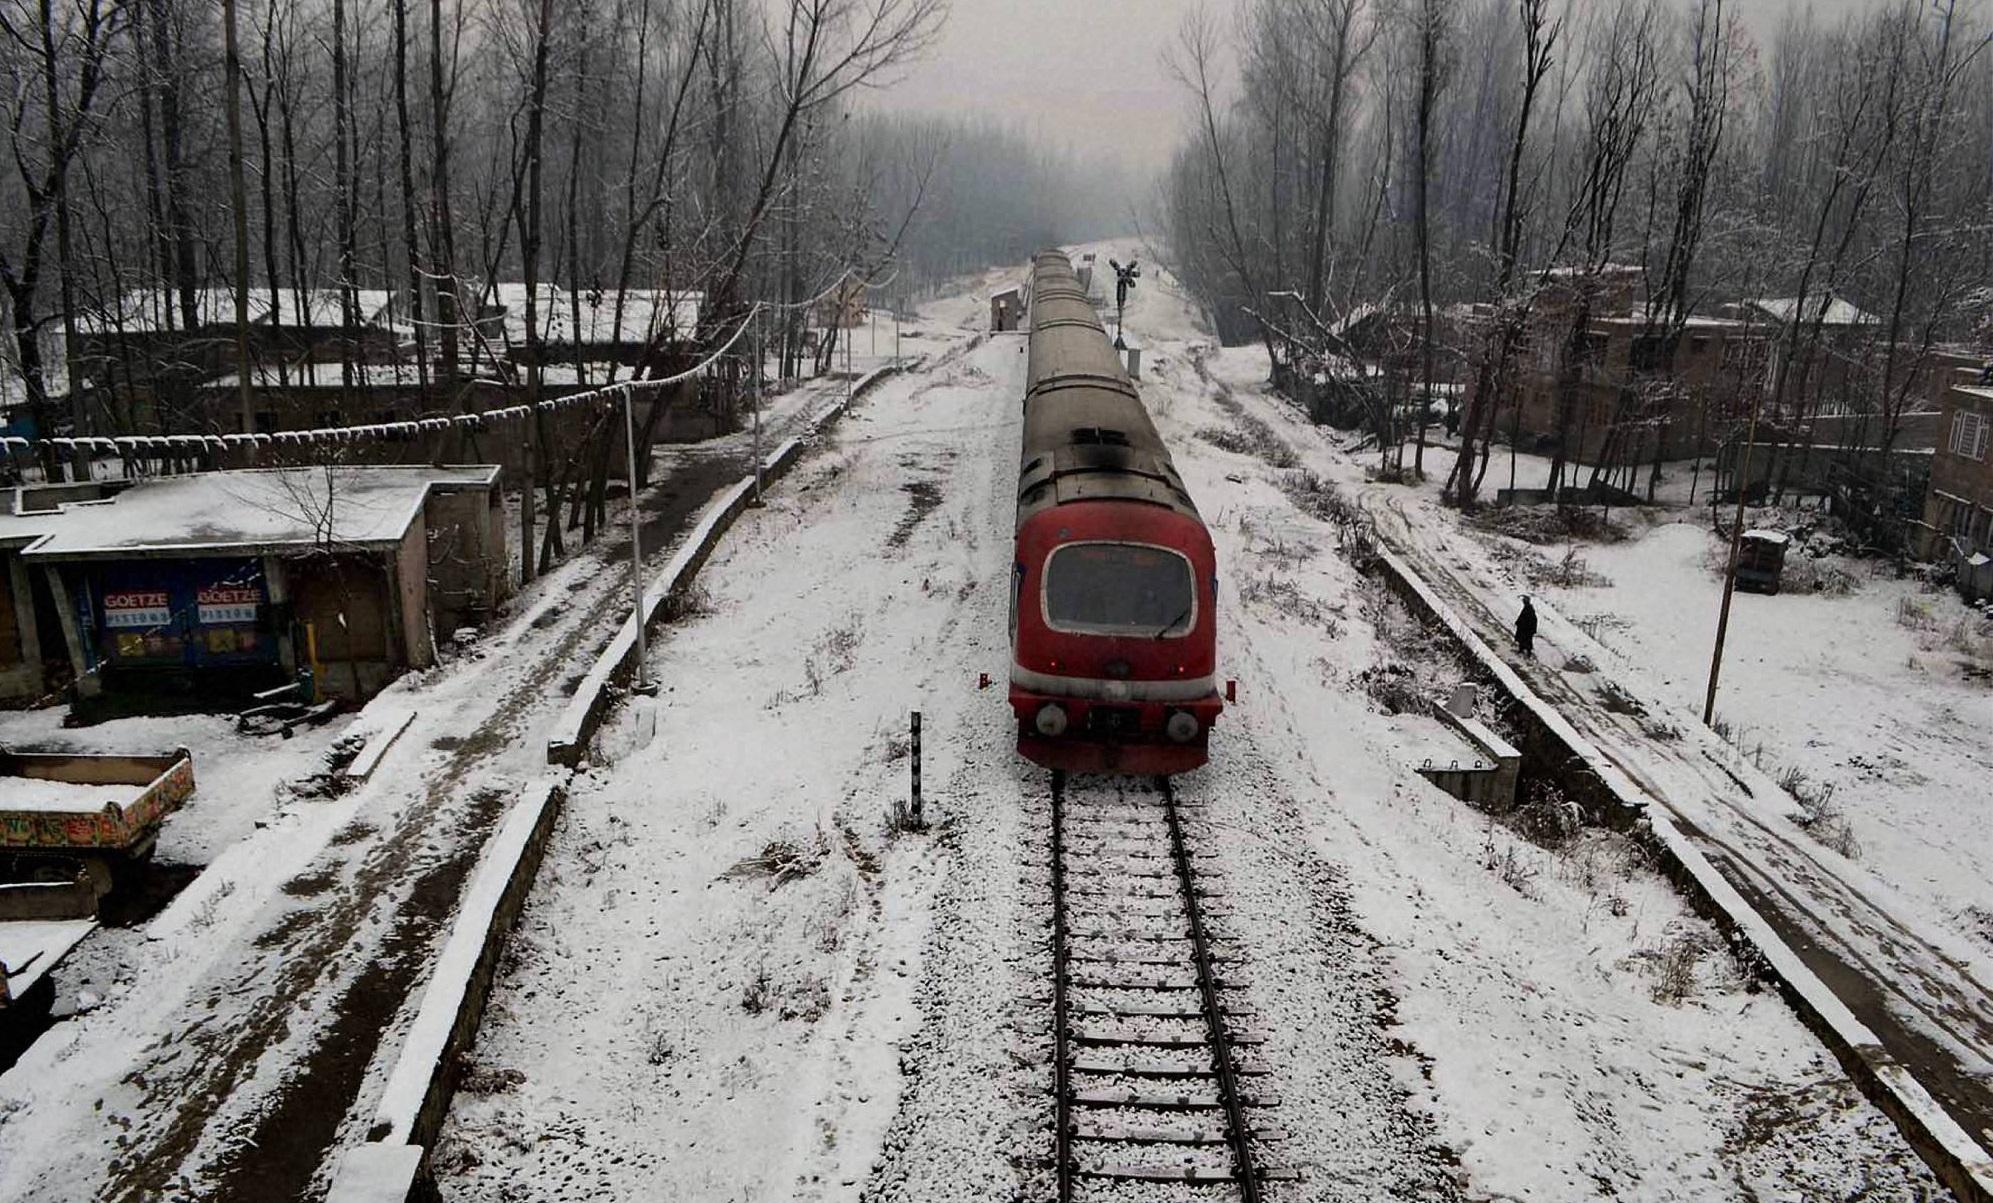 बर्फबारी में पर्यटकों को भा रही है रेल, जाम-सड़क बंद की समस्या से मिली मुक्ति